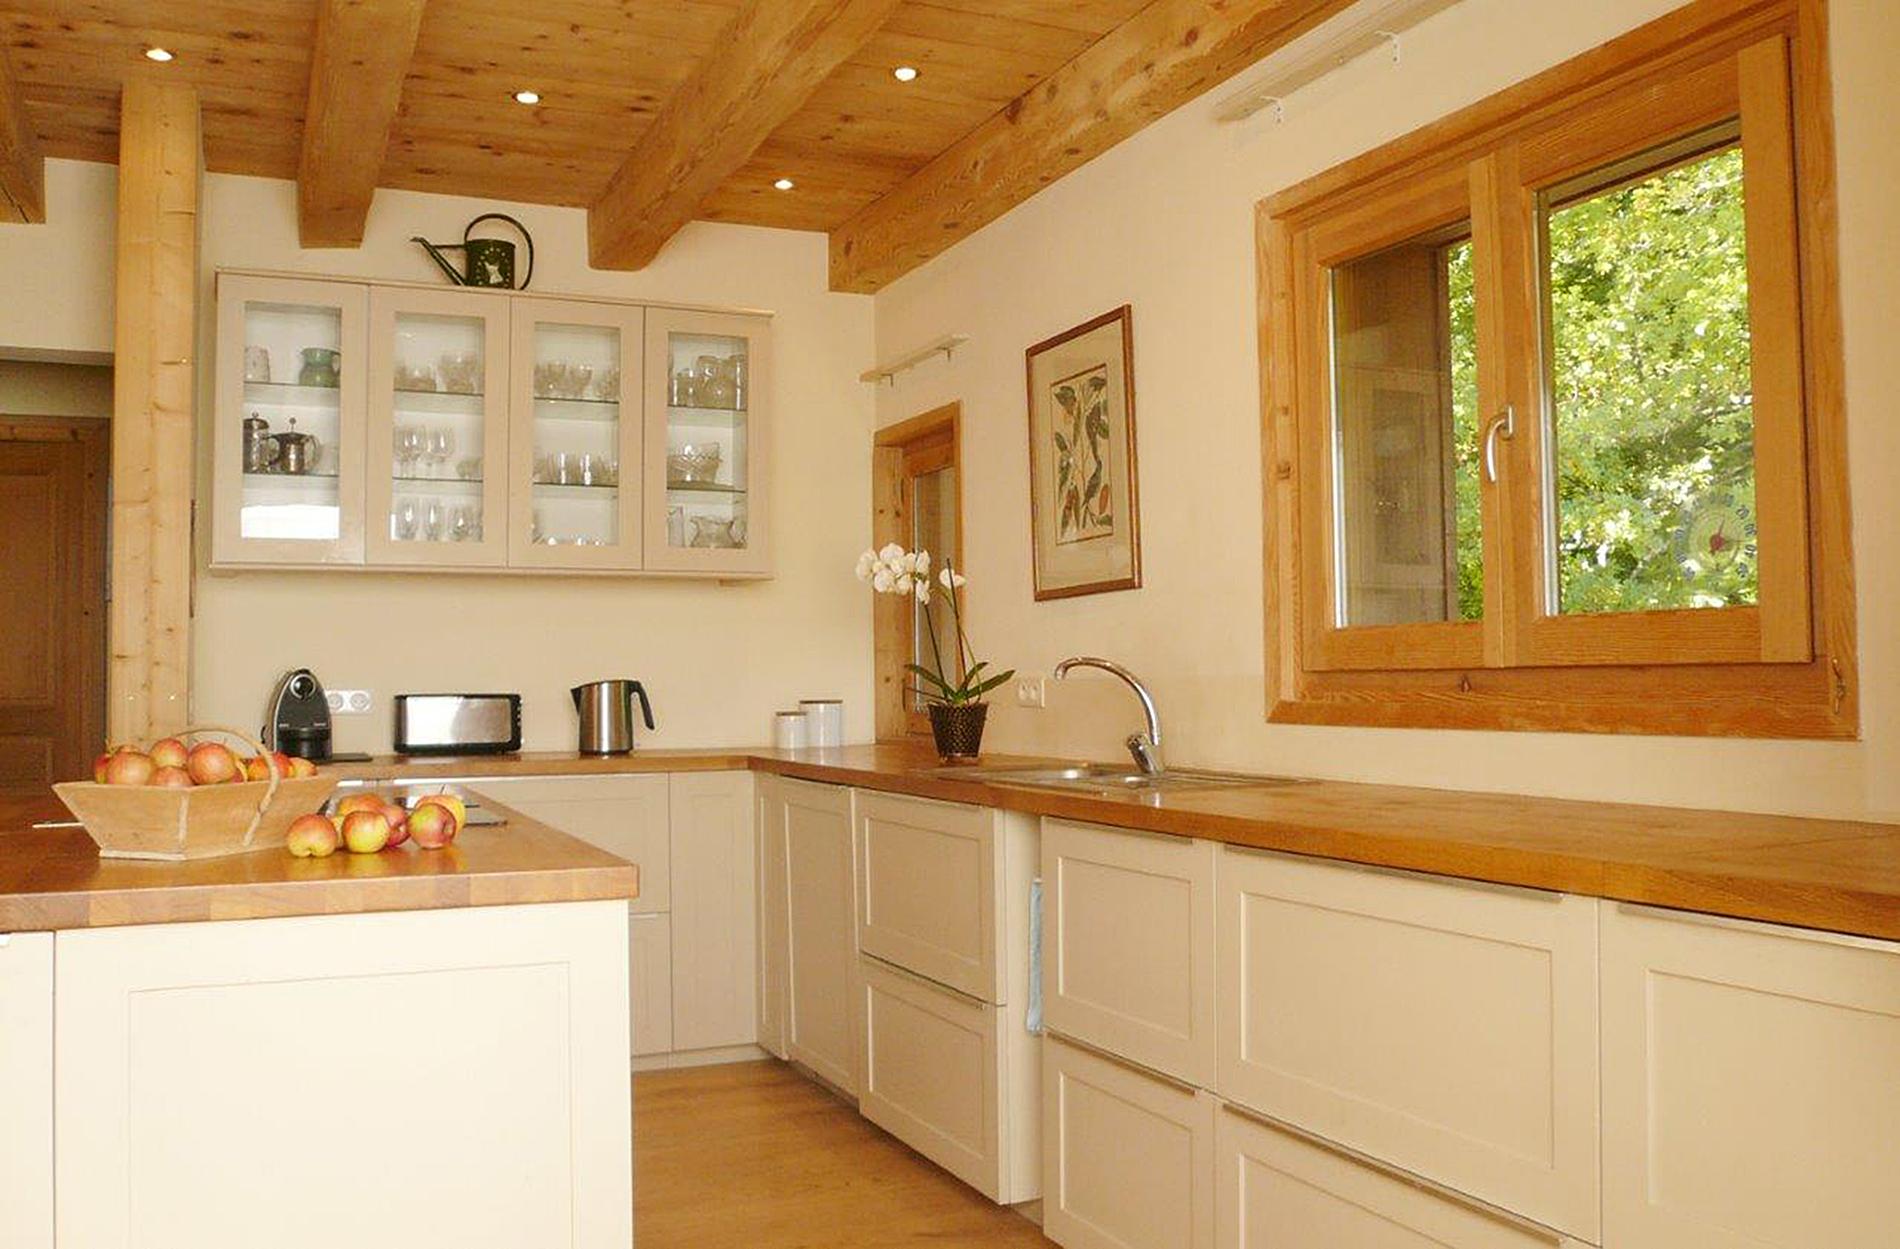 Ausgezeichnet Shaker Stil Küchen Uk Zeitgenössisch - Küchenschrank ...